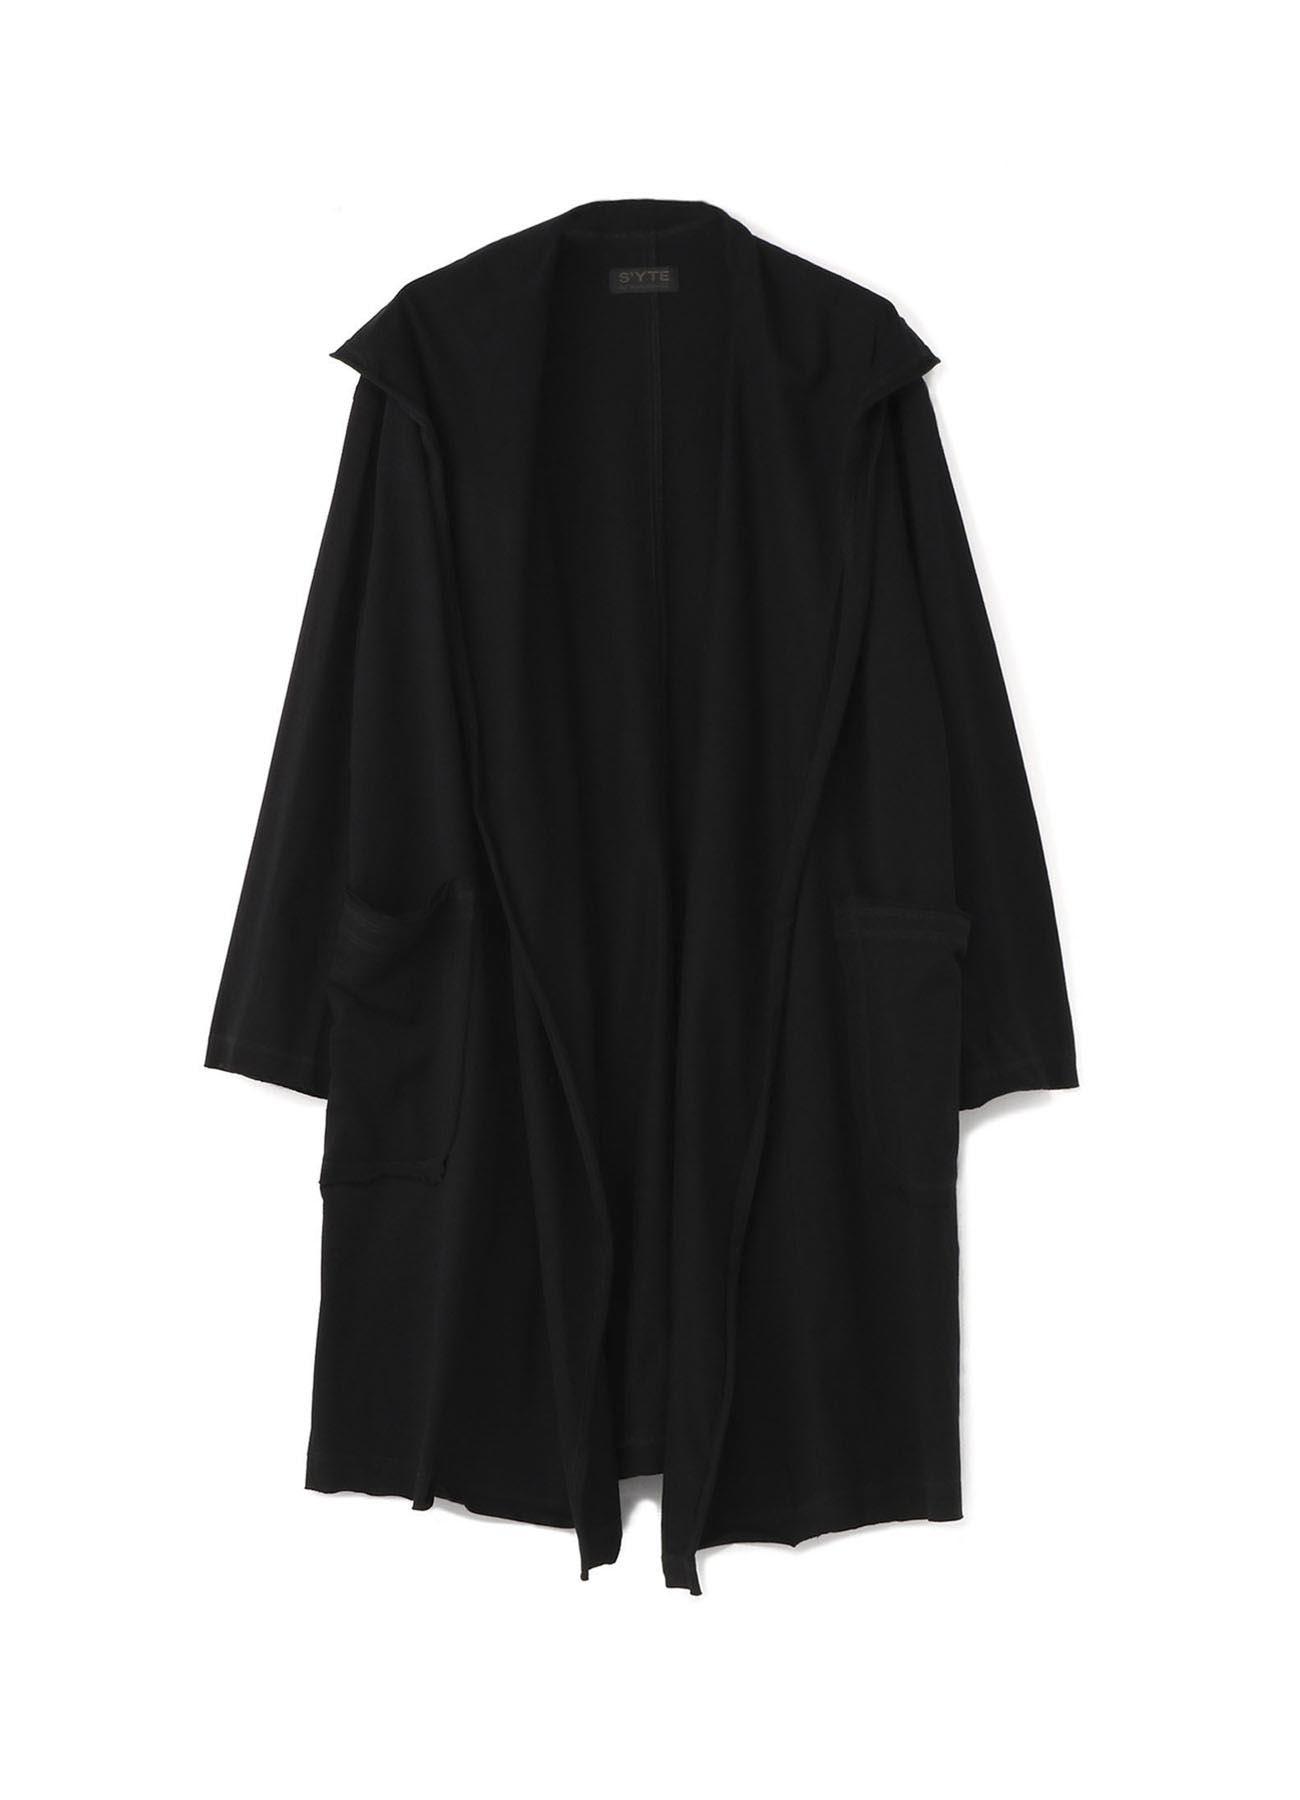 40/2纯棉平纹针织披肩外套